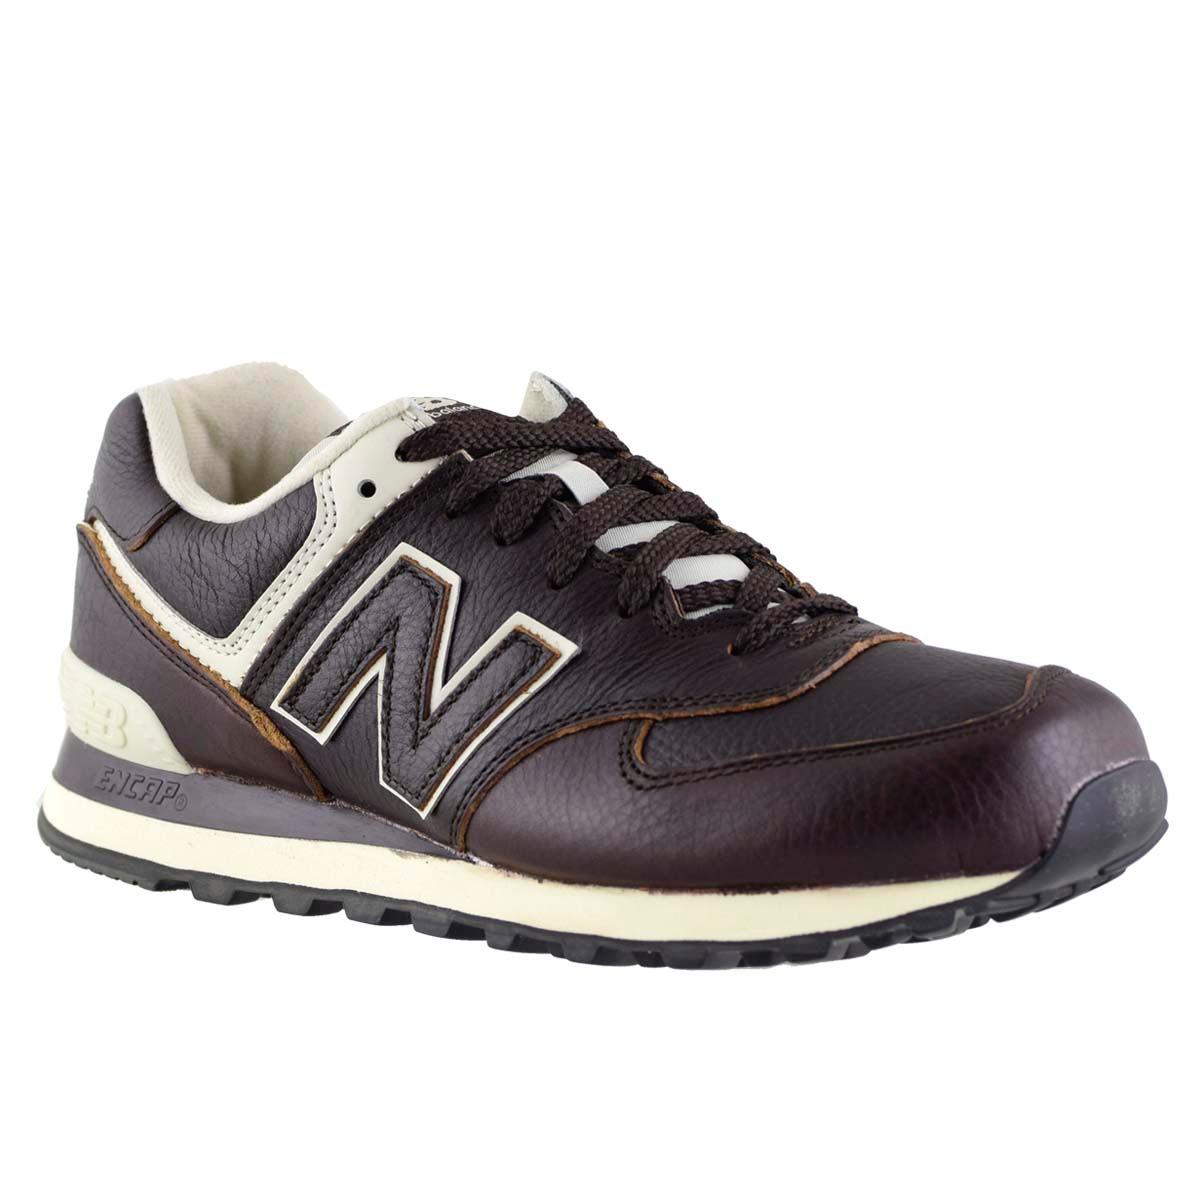 zapatillas new balance hombres marrones